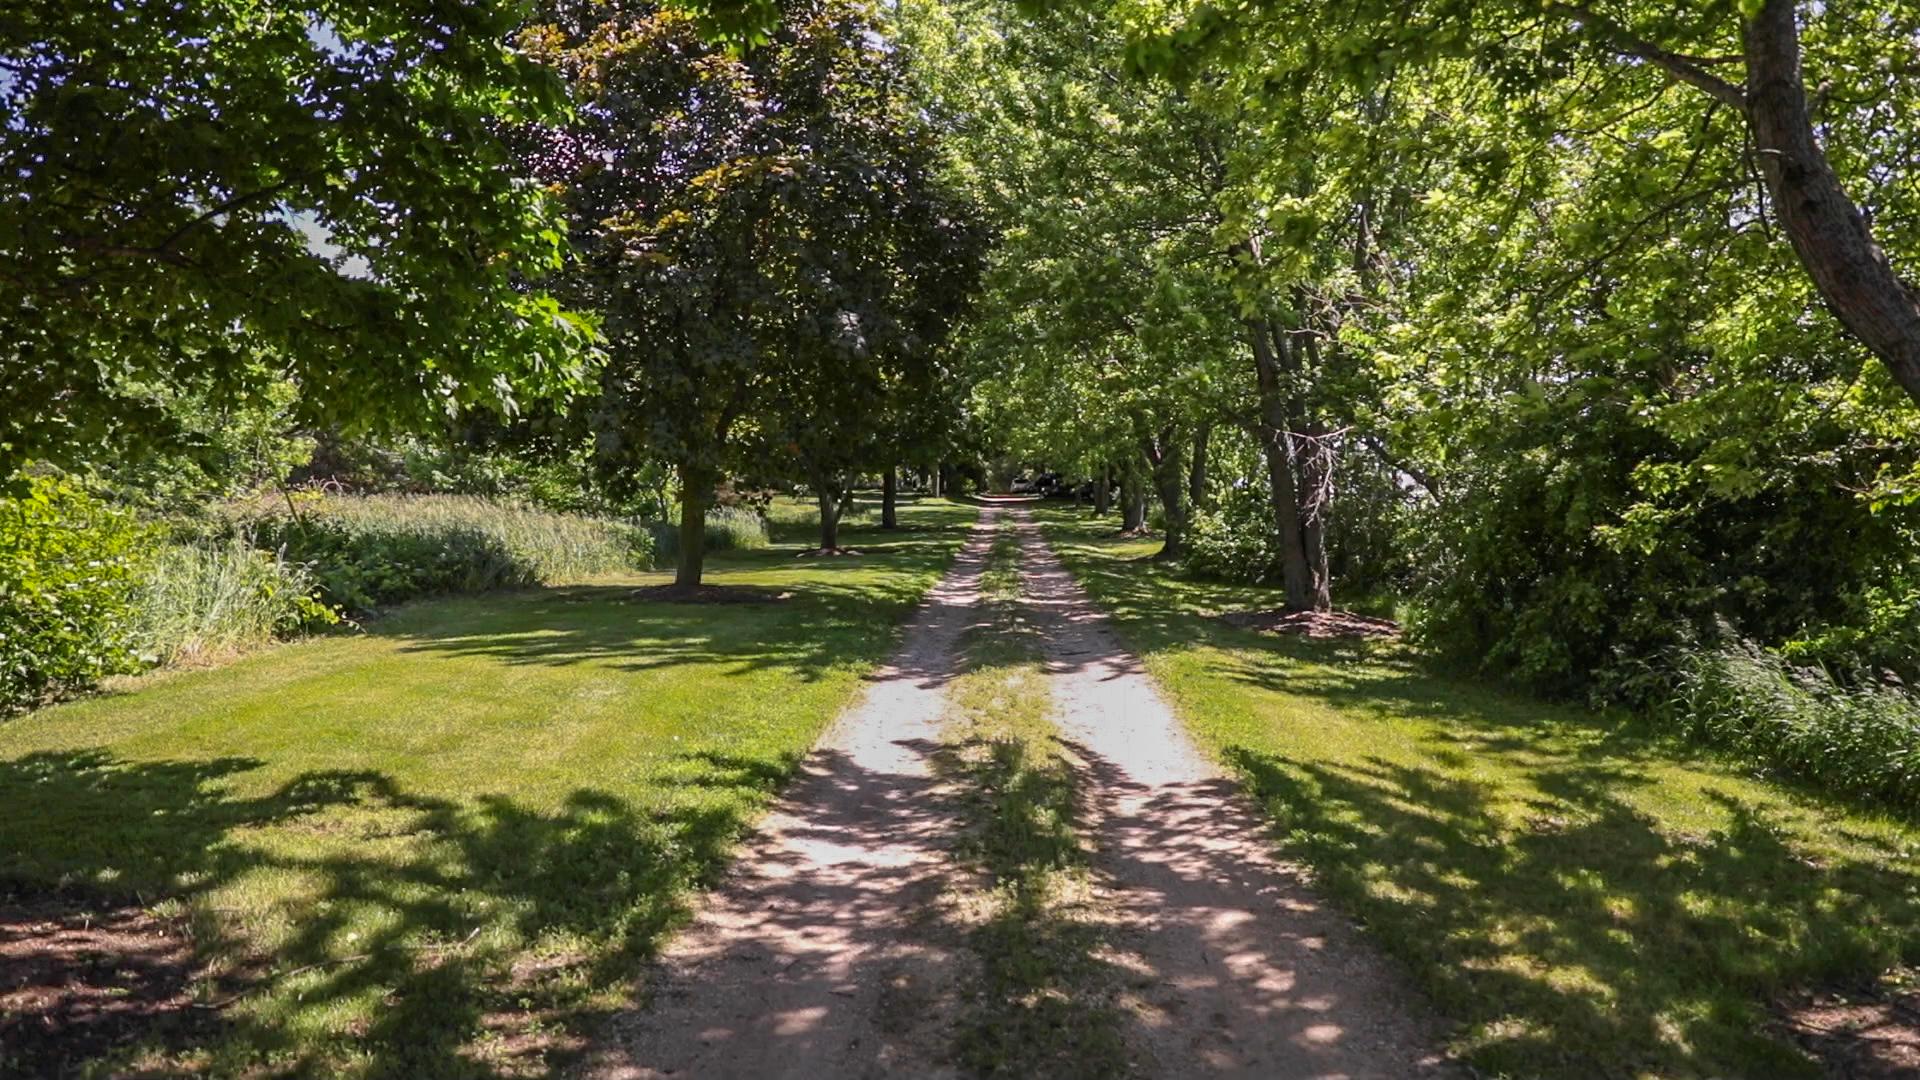 3510 IL Route 38, Malta, Illinois, 60150